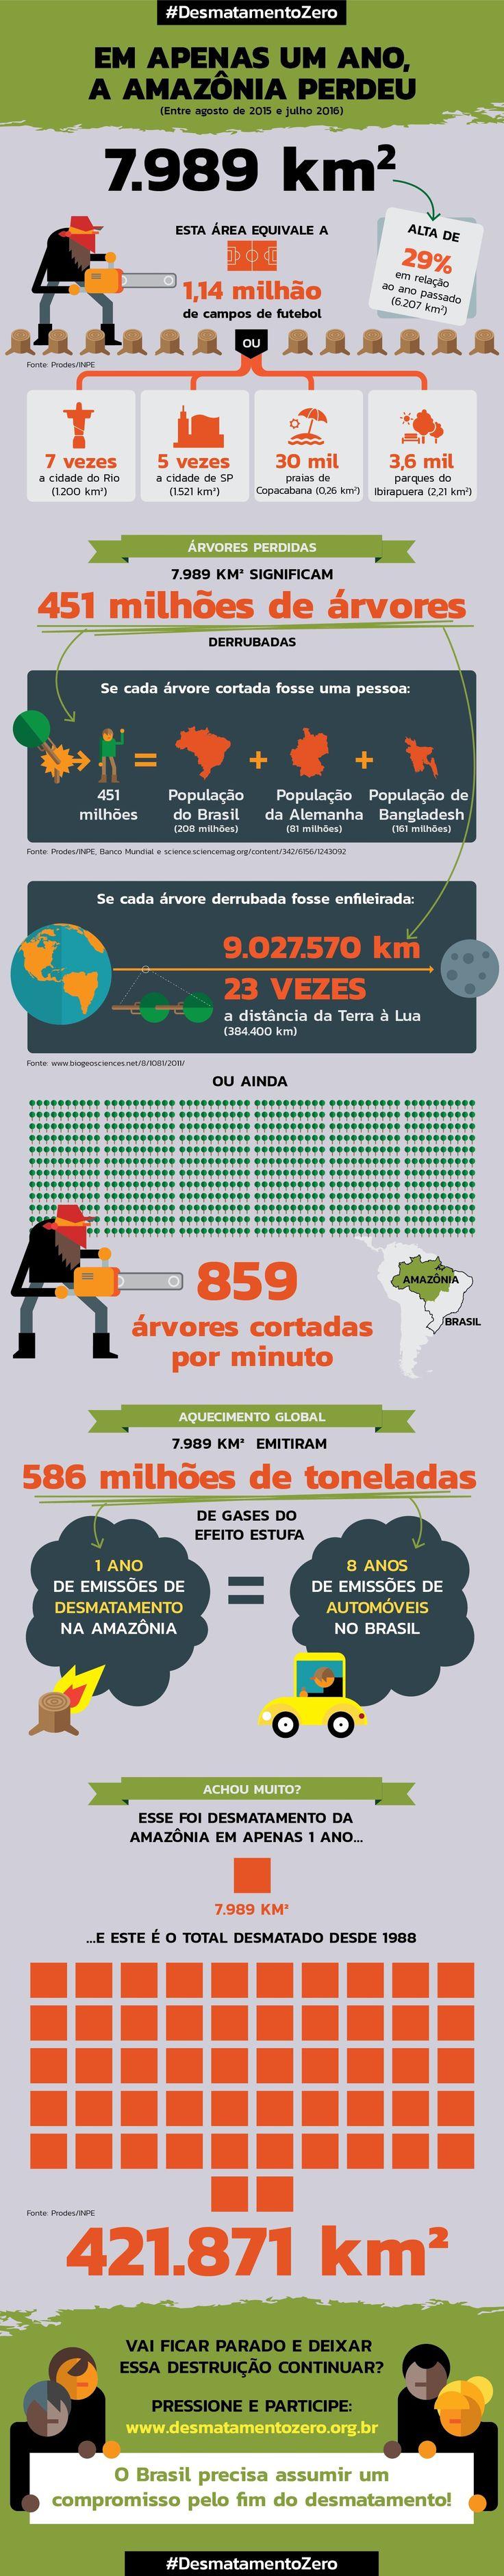 """""""O governo sinalizou que irá tolerar a destruição"""", observou Cristiane Mazzetti, da Campanha Amazônia do Greenpeace, à assessoria da instituição. """"Quando o desmatamento começou a cair, em 2005, o recado era outro, de que a devastação seria combatida, com grandes esforços de ONGs e dos setores público e privado.""""  O Pará se mantém recordista de destruição, com3025 km² de floresta destruída, 37% do total. Amazonas e Acre, que haviam melhorado suas políticas de conservação, sofreram aumentos…"""